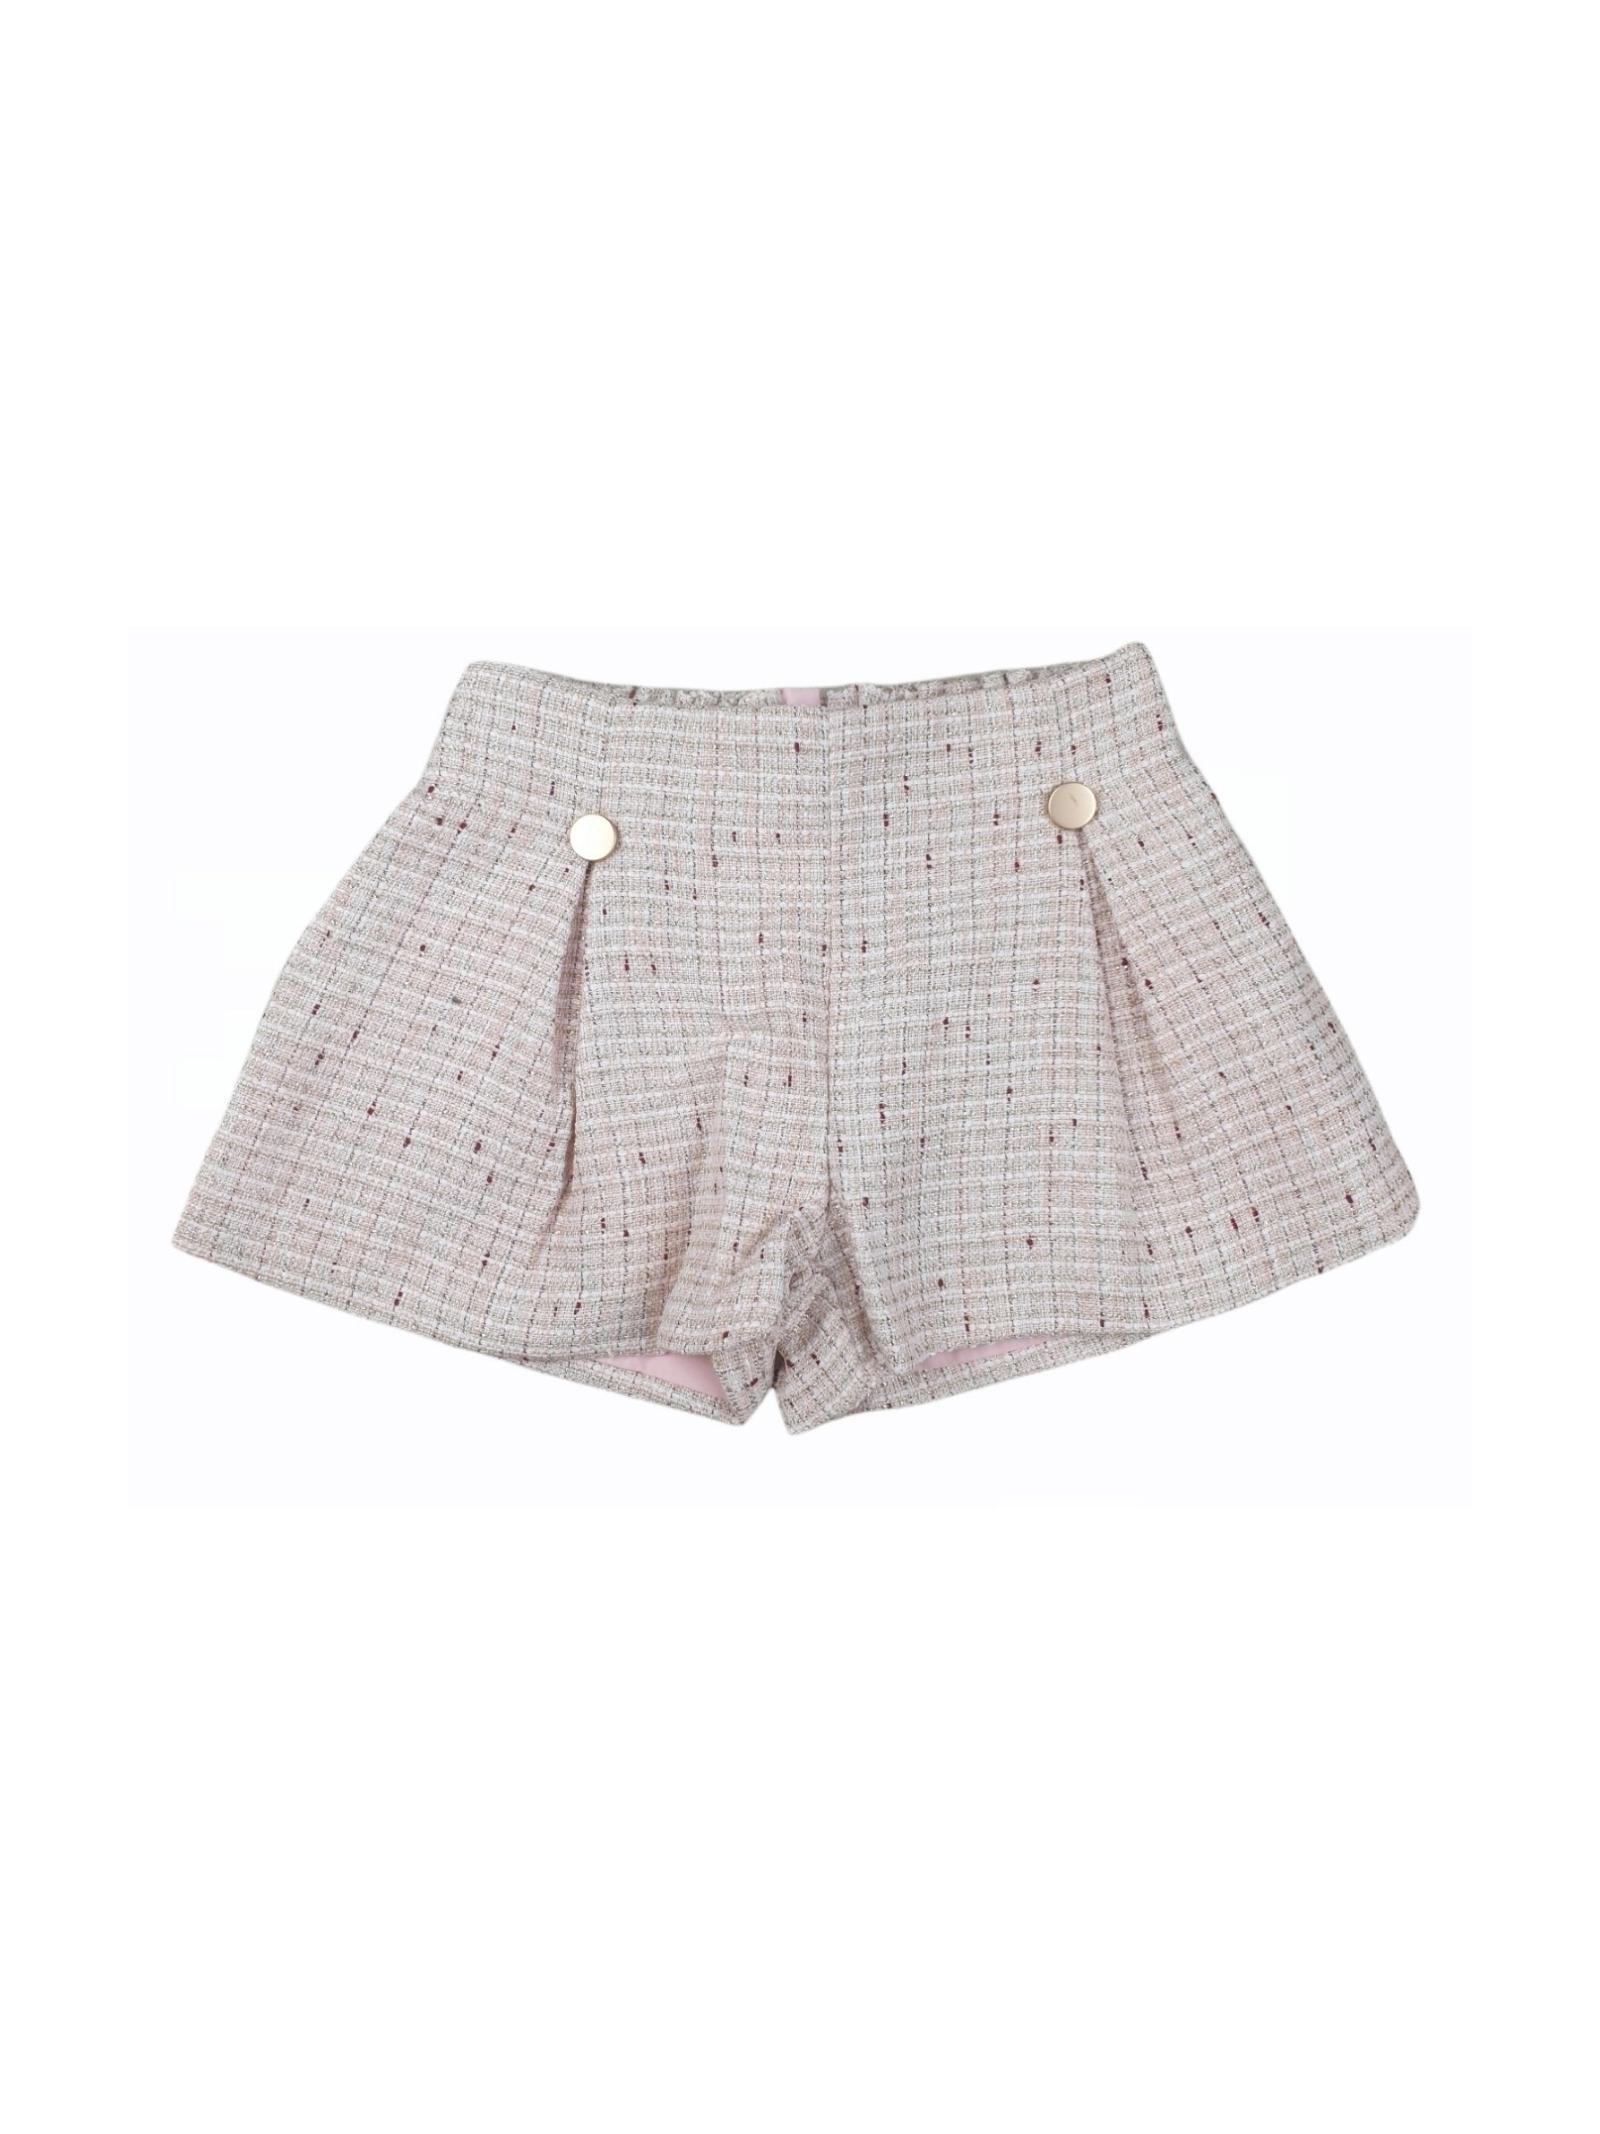 Shorts Palloncino Bambina FUN&FUN | Shorts | FNBSO9075025